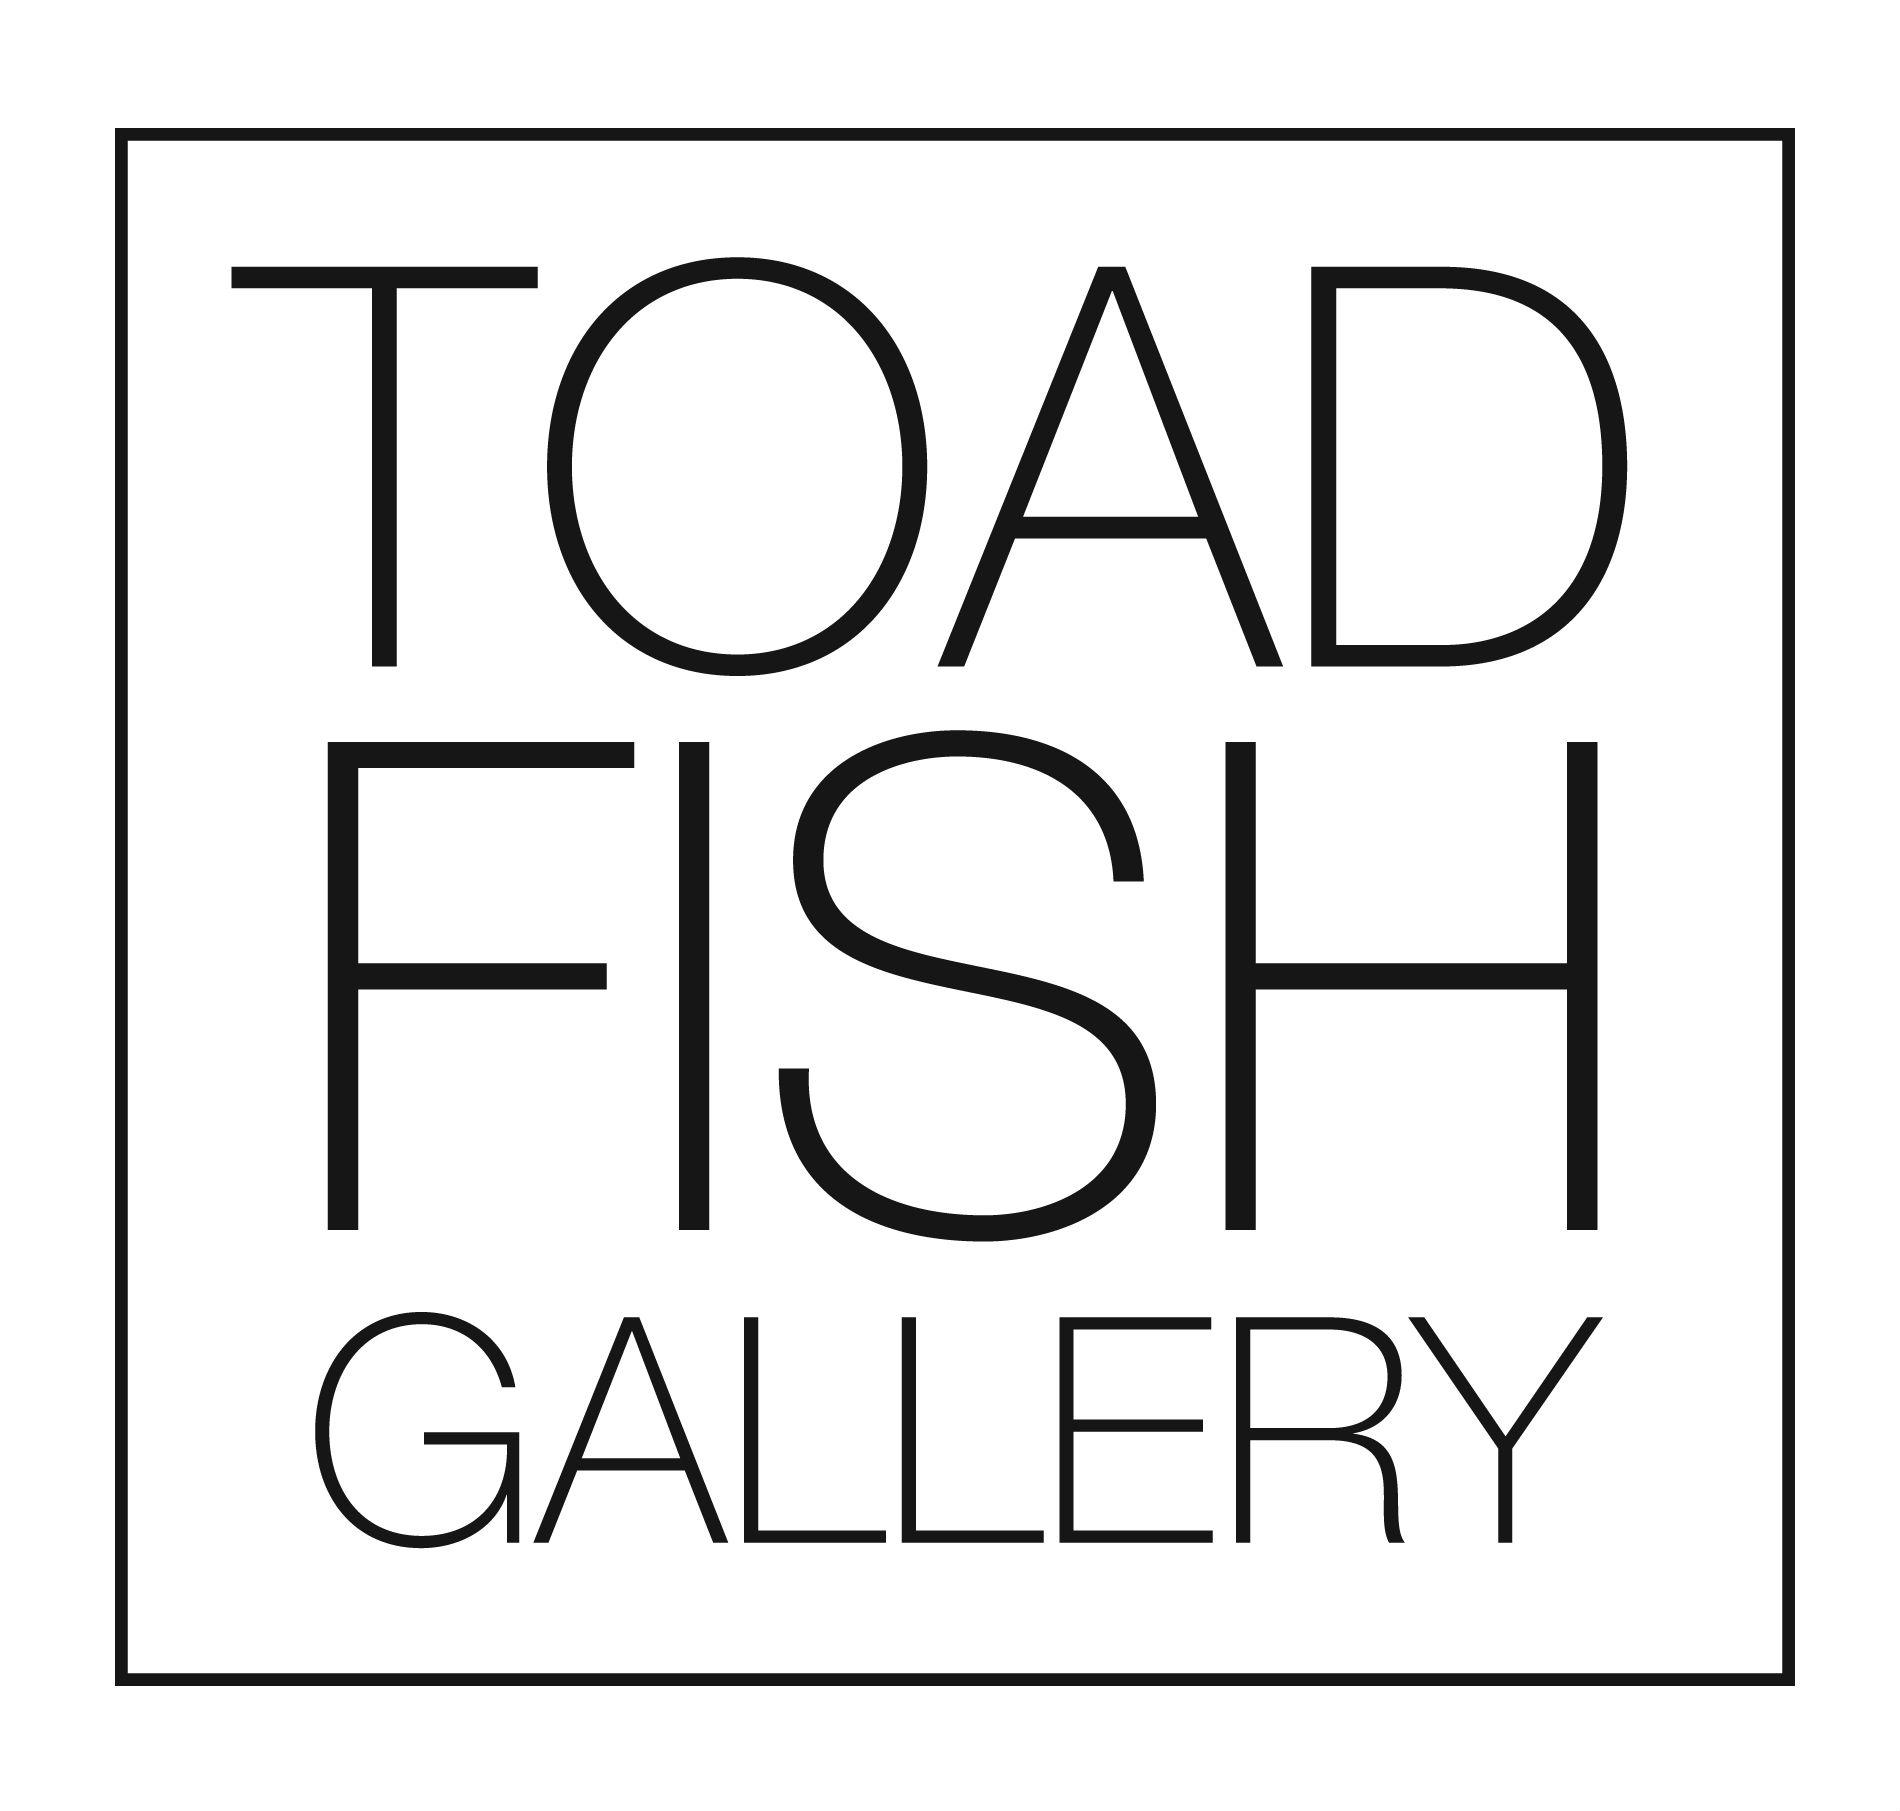 toads in ca